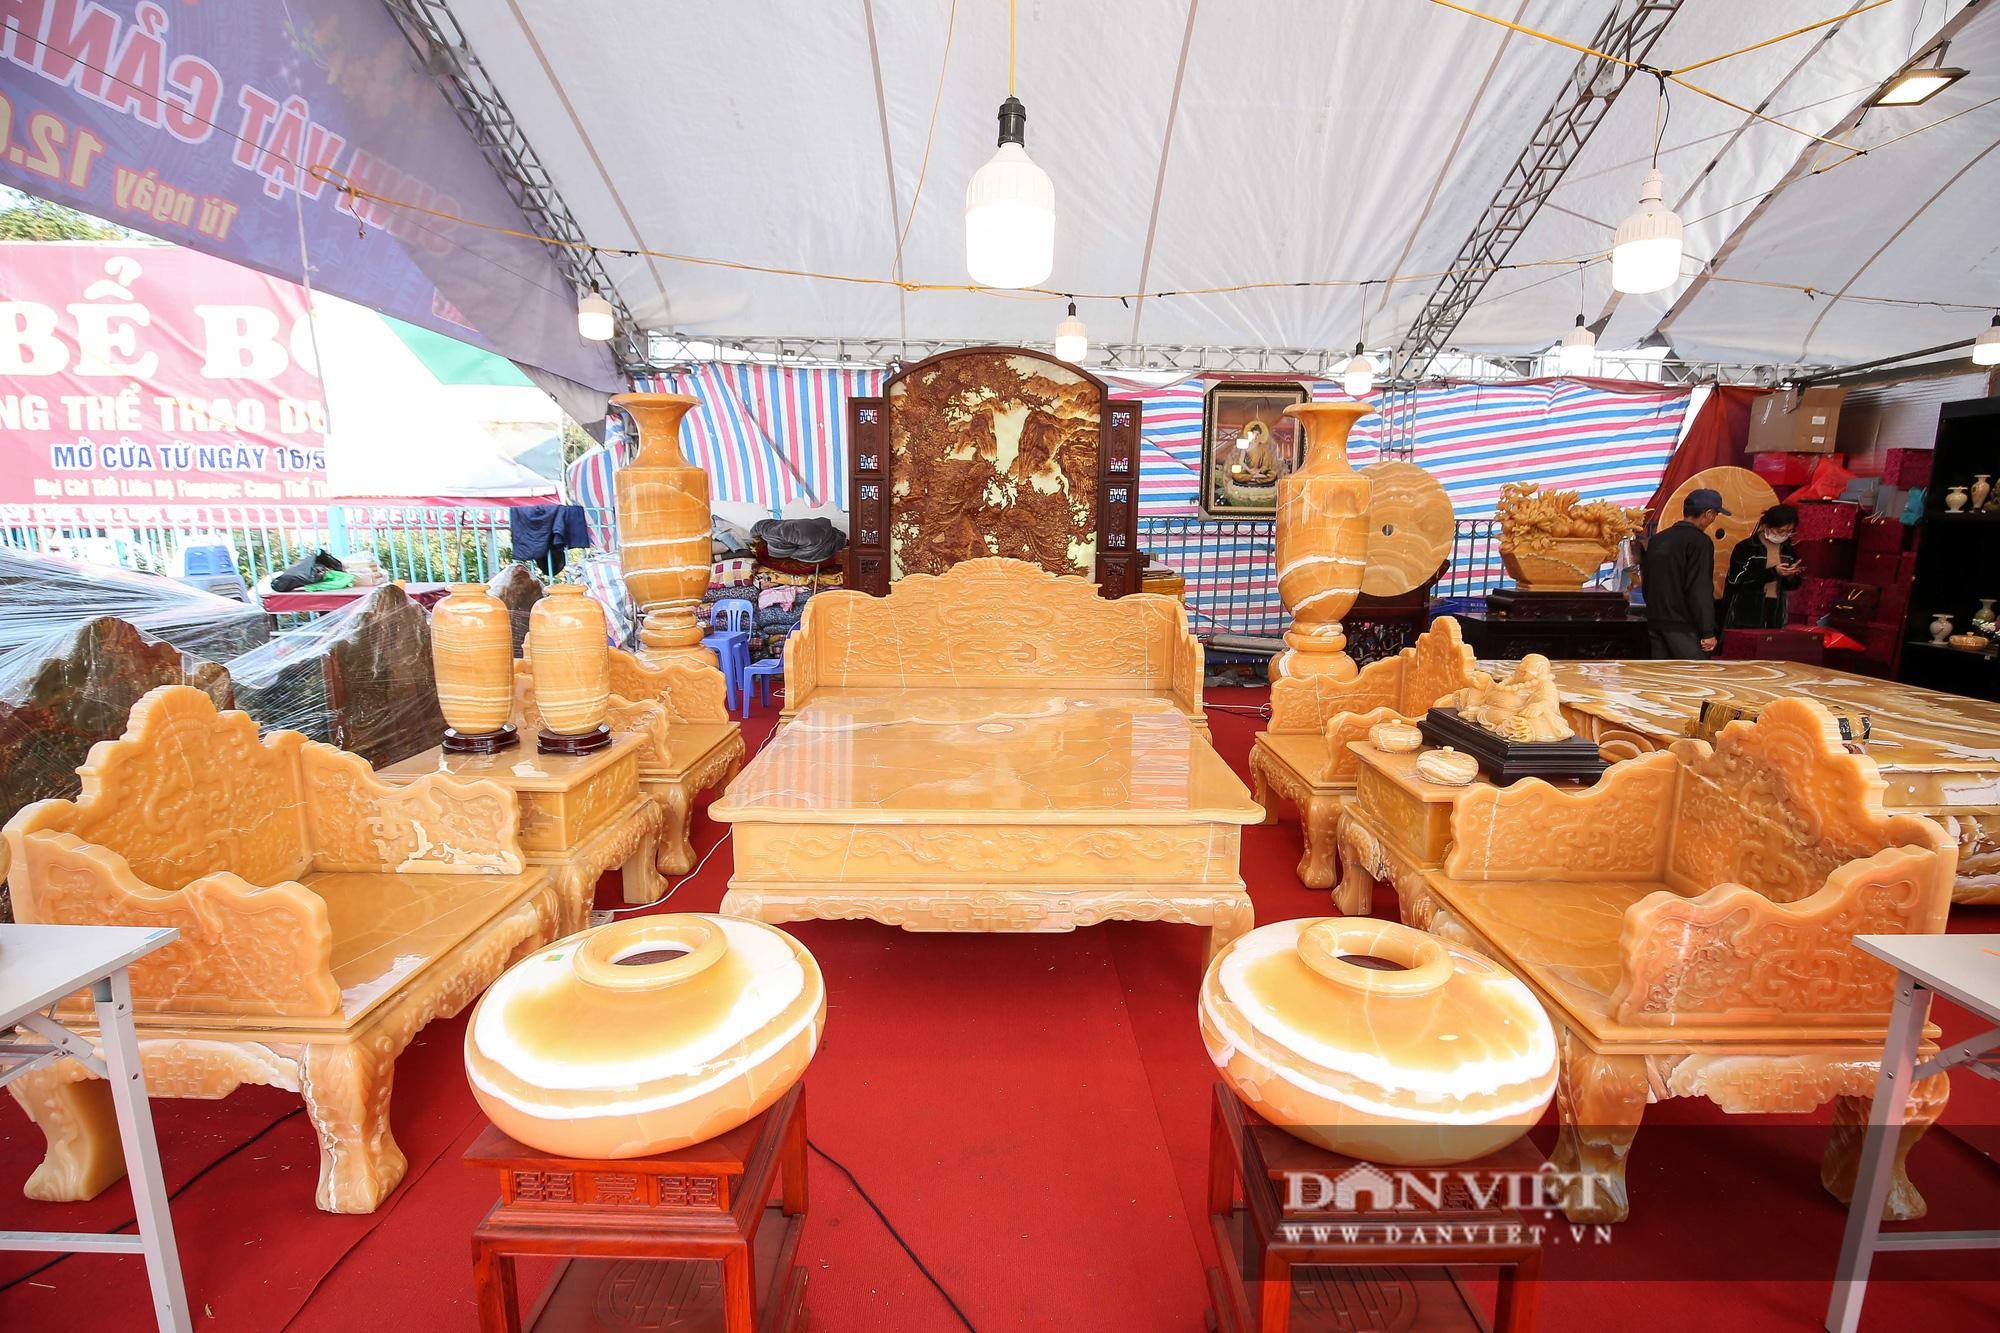 Xôn xao bộ bàn ghế làm bằng ngọc Hoàng Long giá tiền tỷ tại Hà Nội - Ảnh 1.